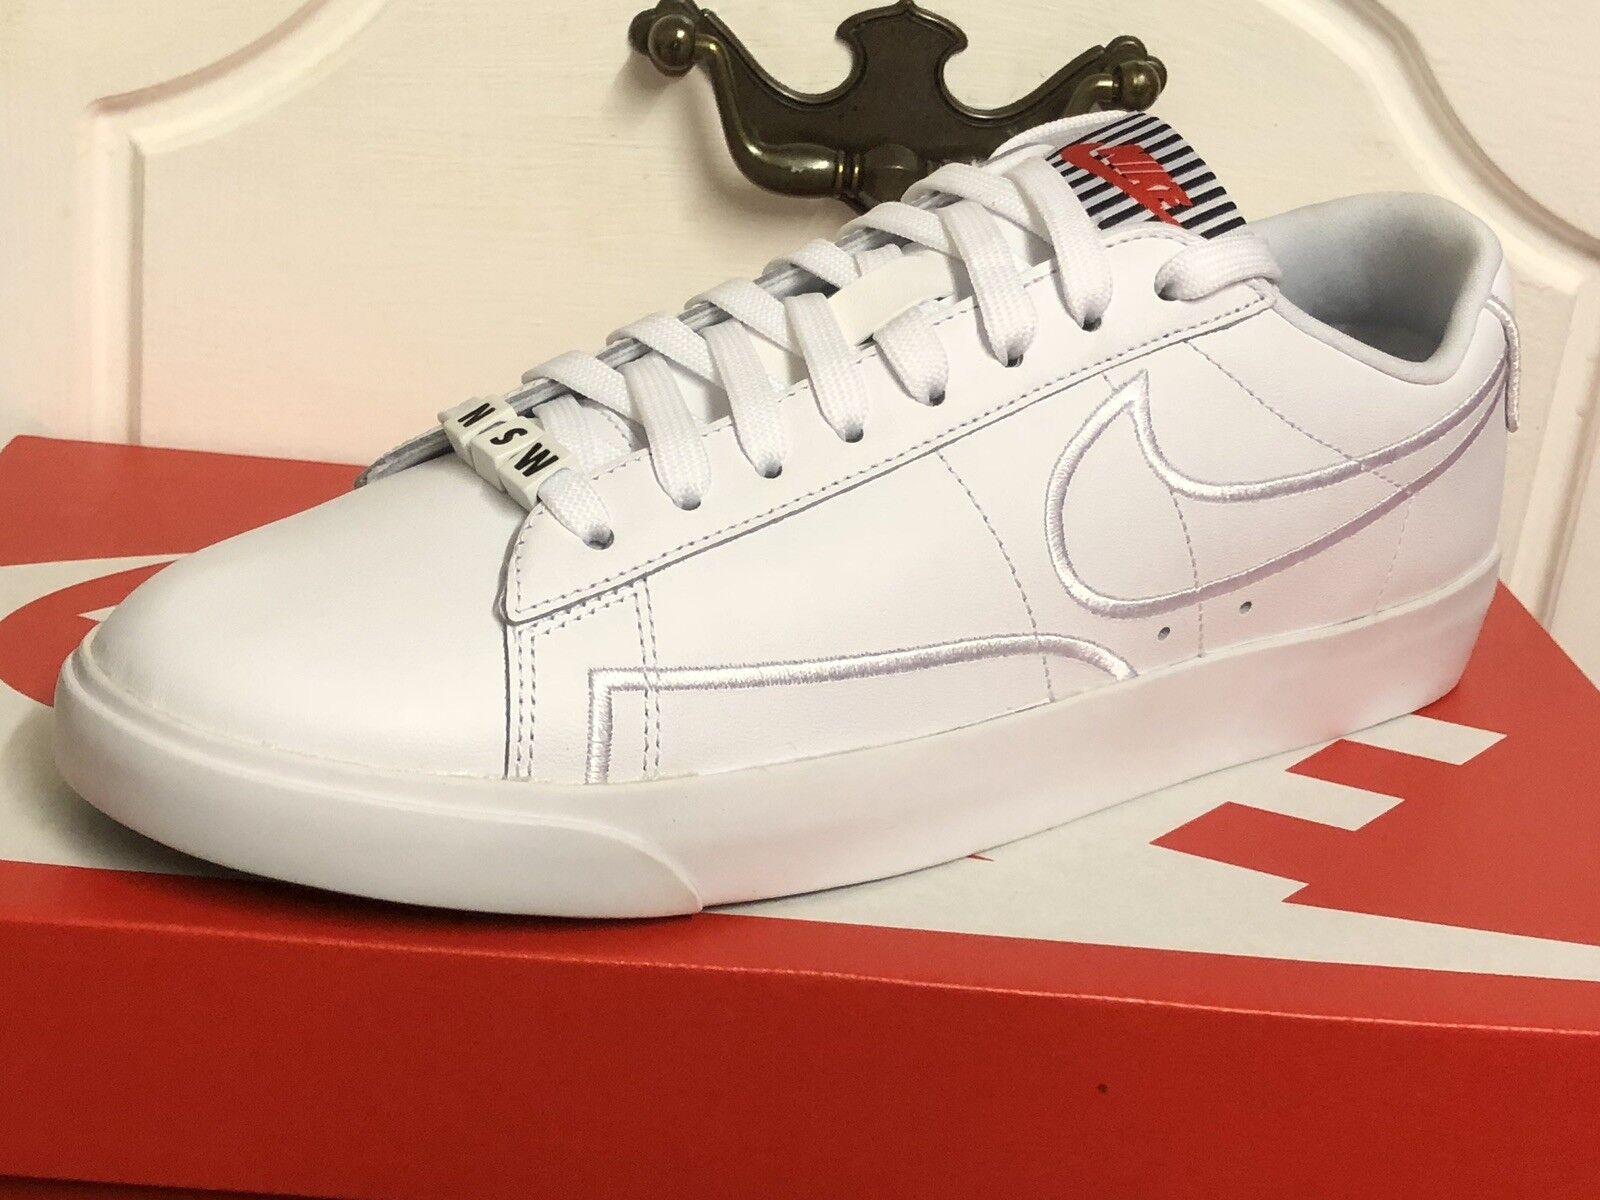 new products 9d3dc 4d3b5 ... Nike Blazer Low se LX Femme Baskets Homme Baskets Baskets Baskets  Chaussures 41fb0f ...